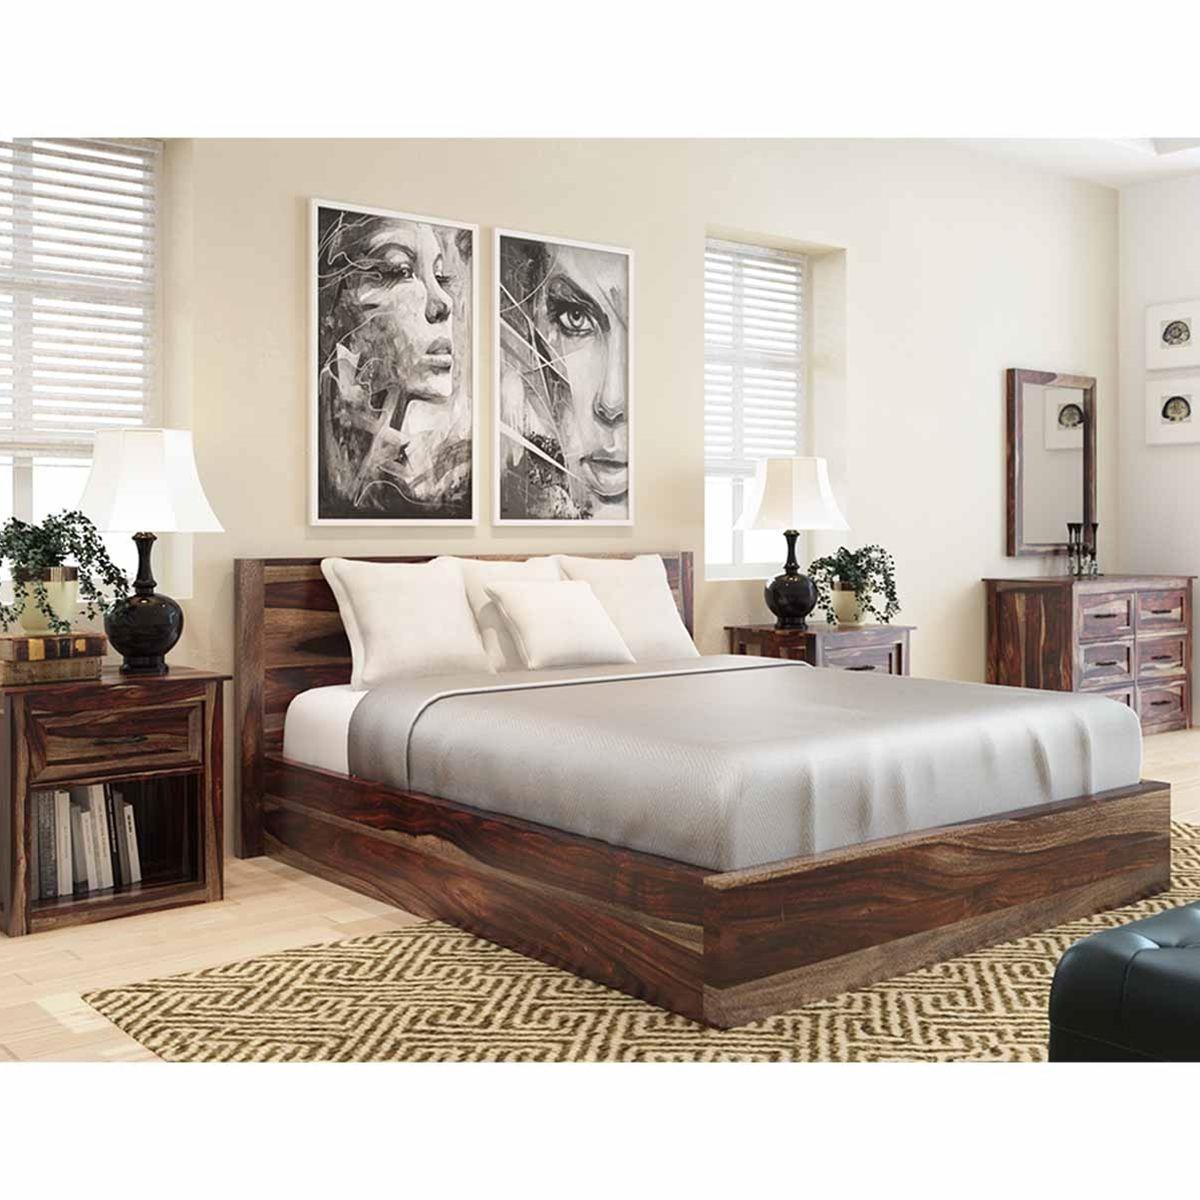 Jamaica 5 Piece Bedroom Collection   Wood bedroom, Bedrooms and Woods